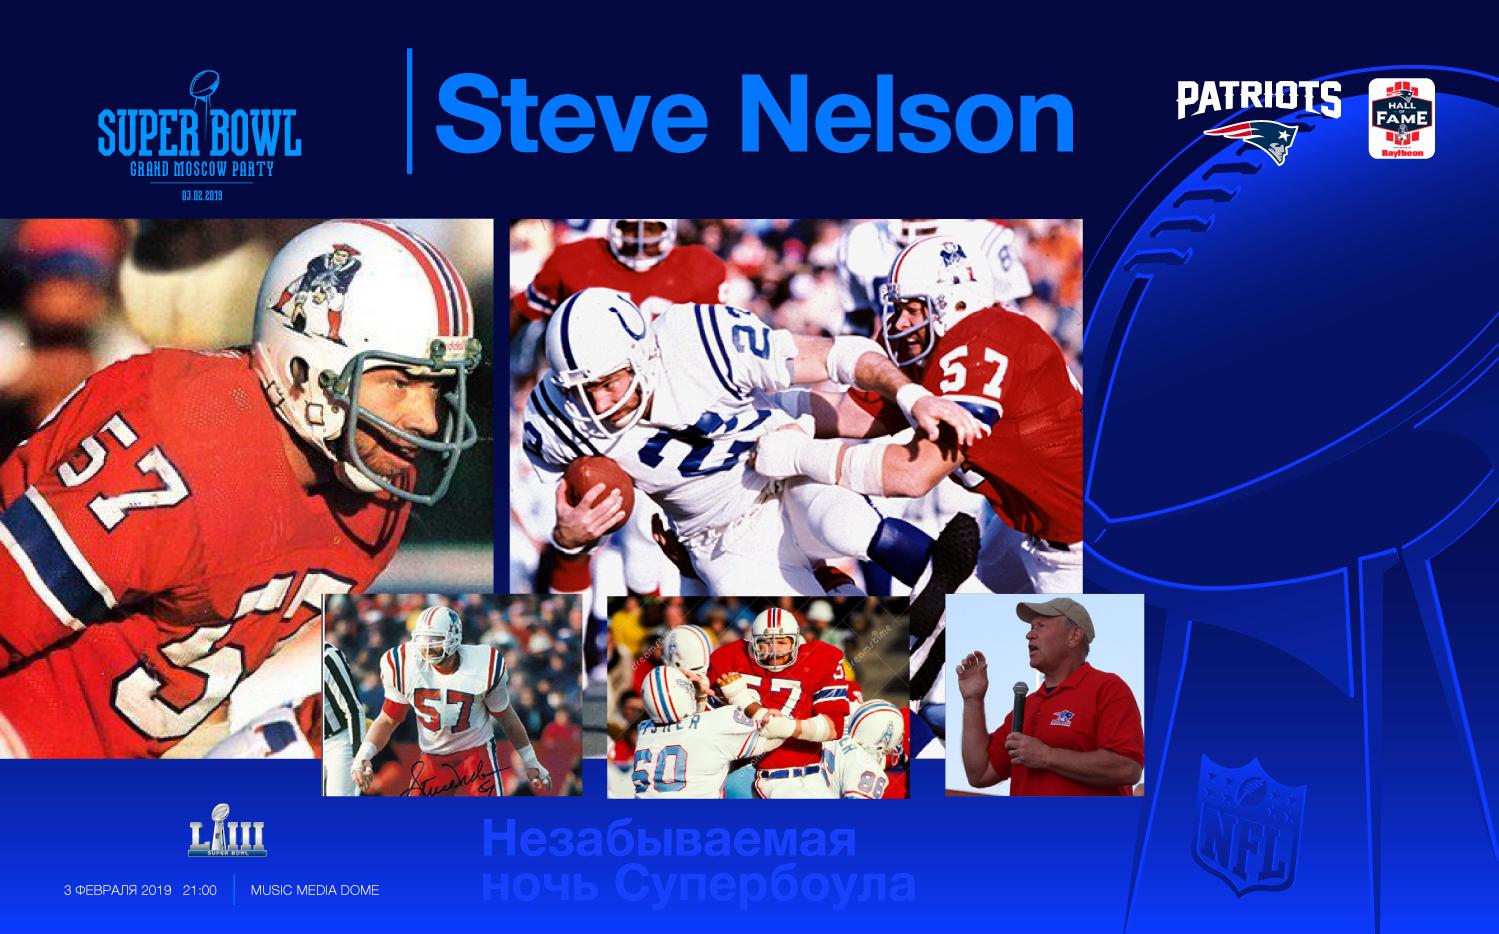 Steve-Nelson-02.jpg